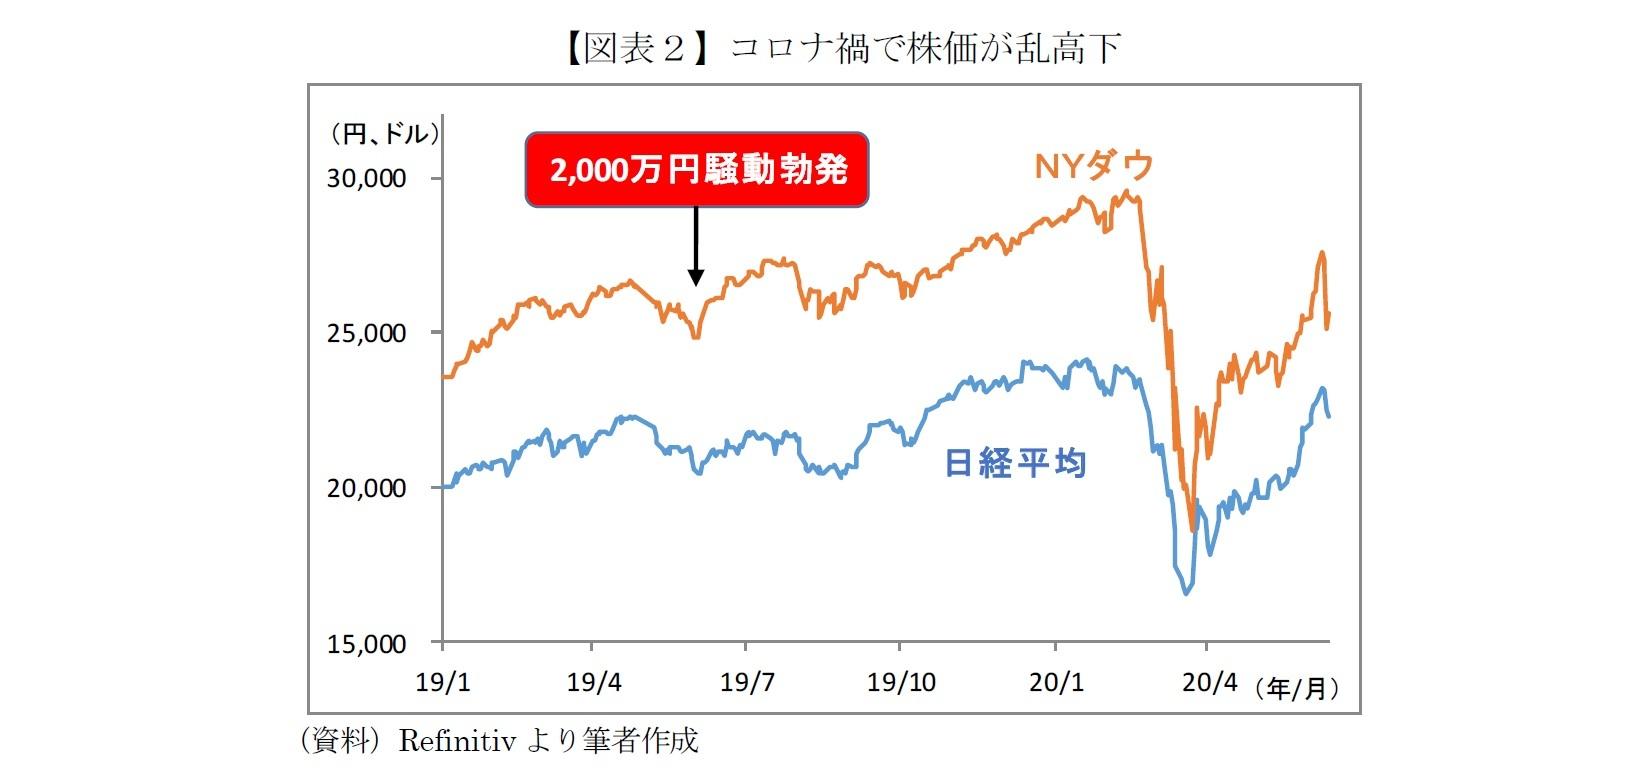 【図表2】コロナ禍で株価が乱高下